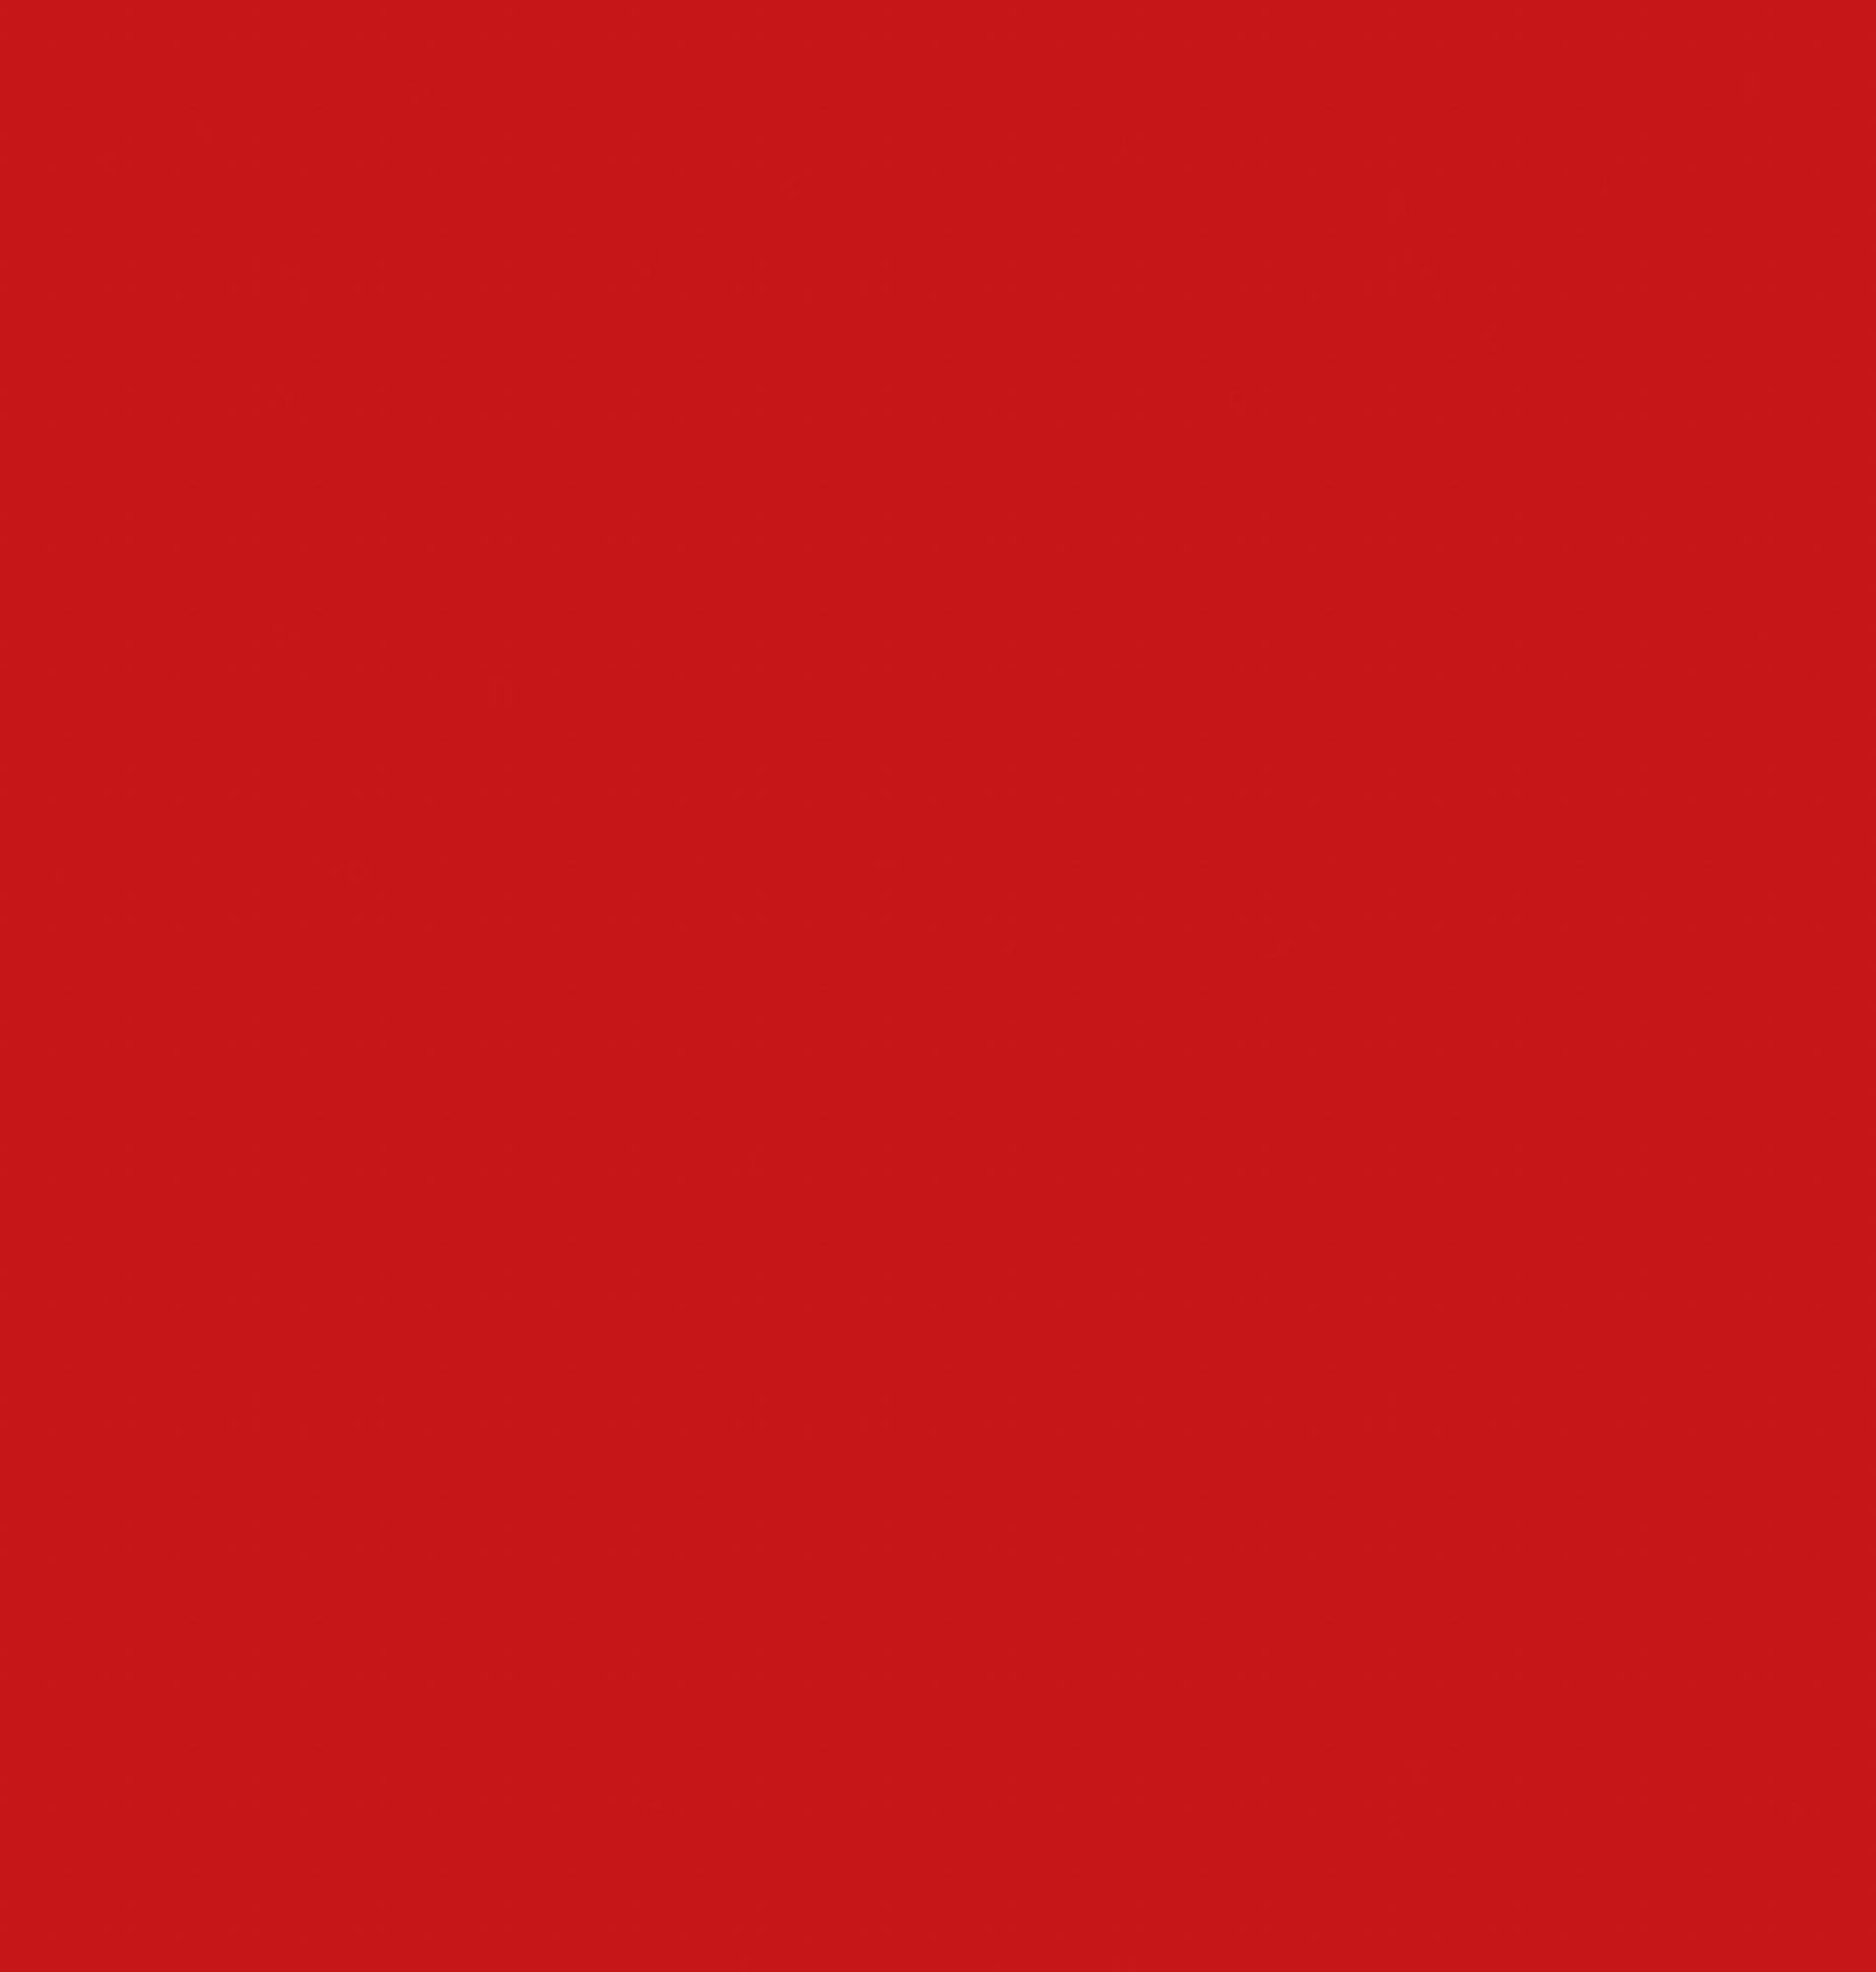 Tecido tricoline liso dohler 100% algodão vermelho